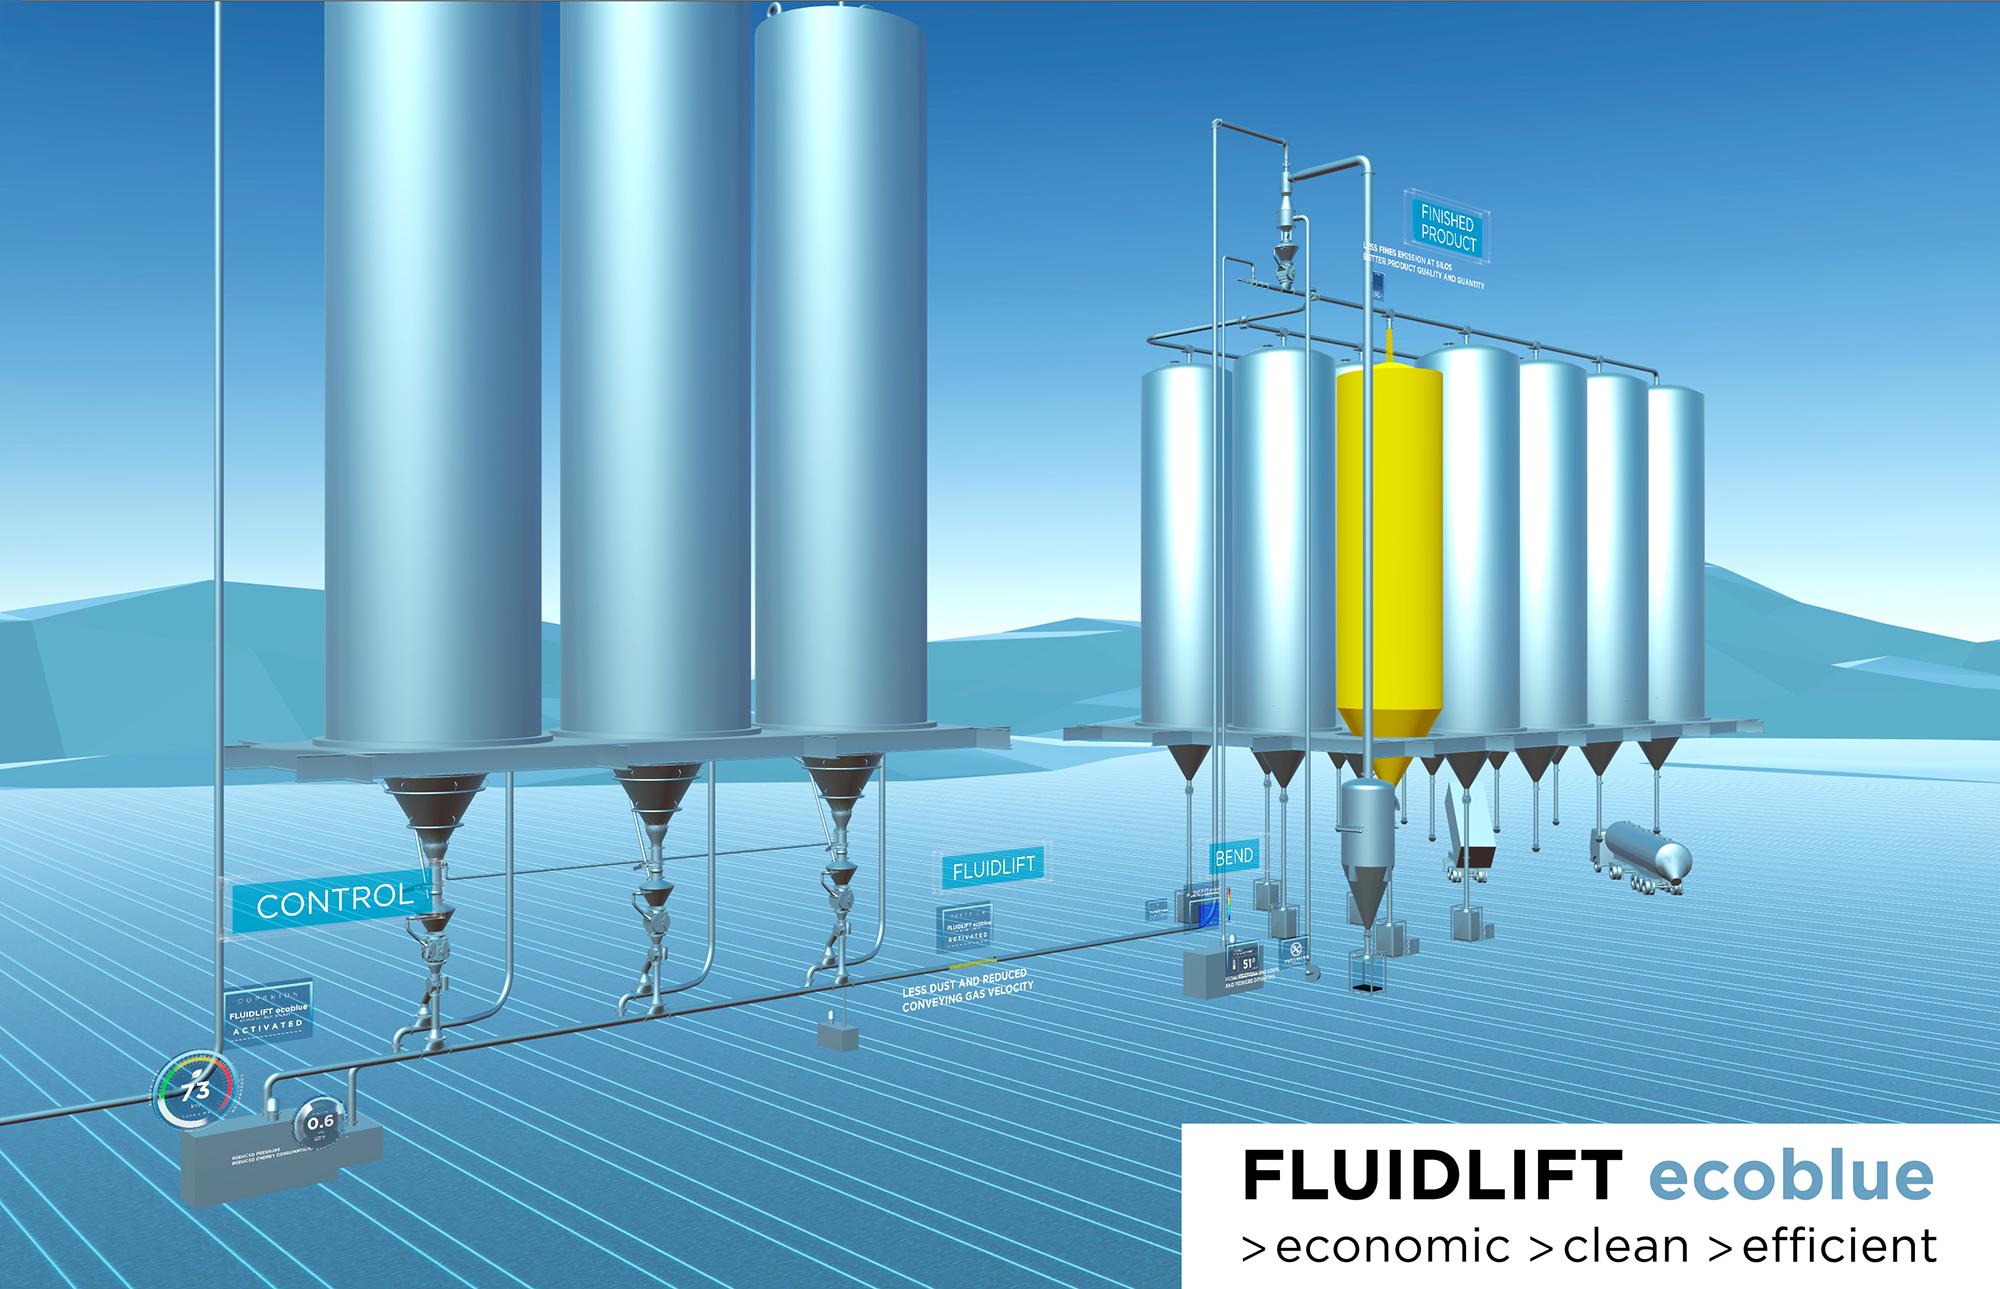 FLUIDLIFT ecoblu® minimiert Staubentwicklung und steigert Energieeffizienz bei der pneumatischen Granulatförderung